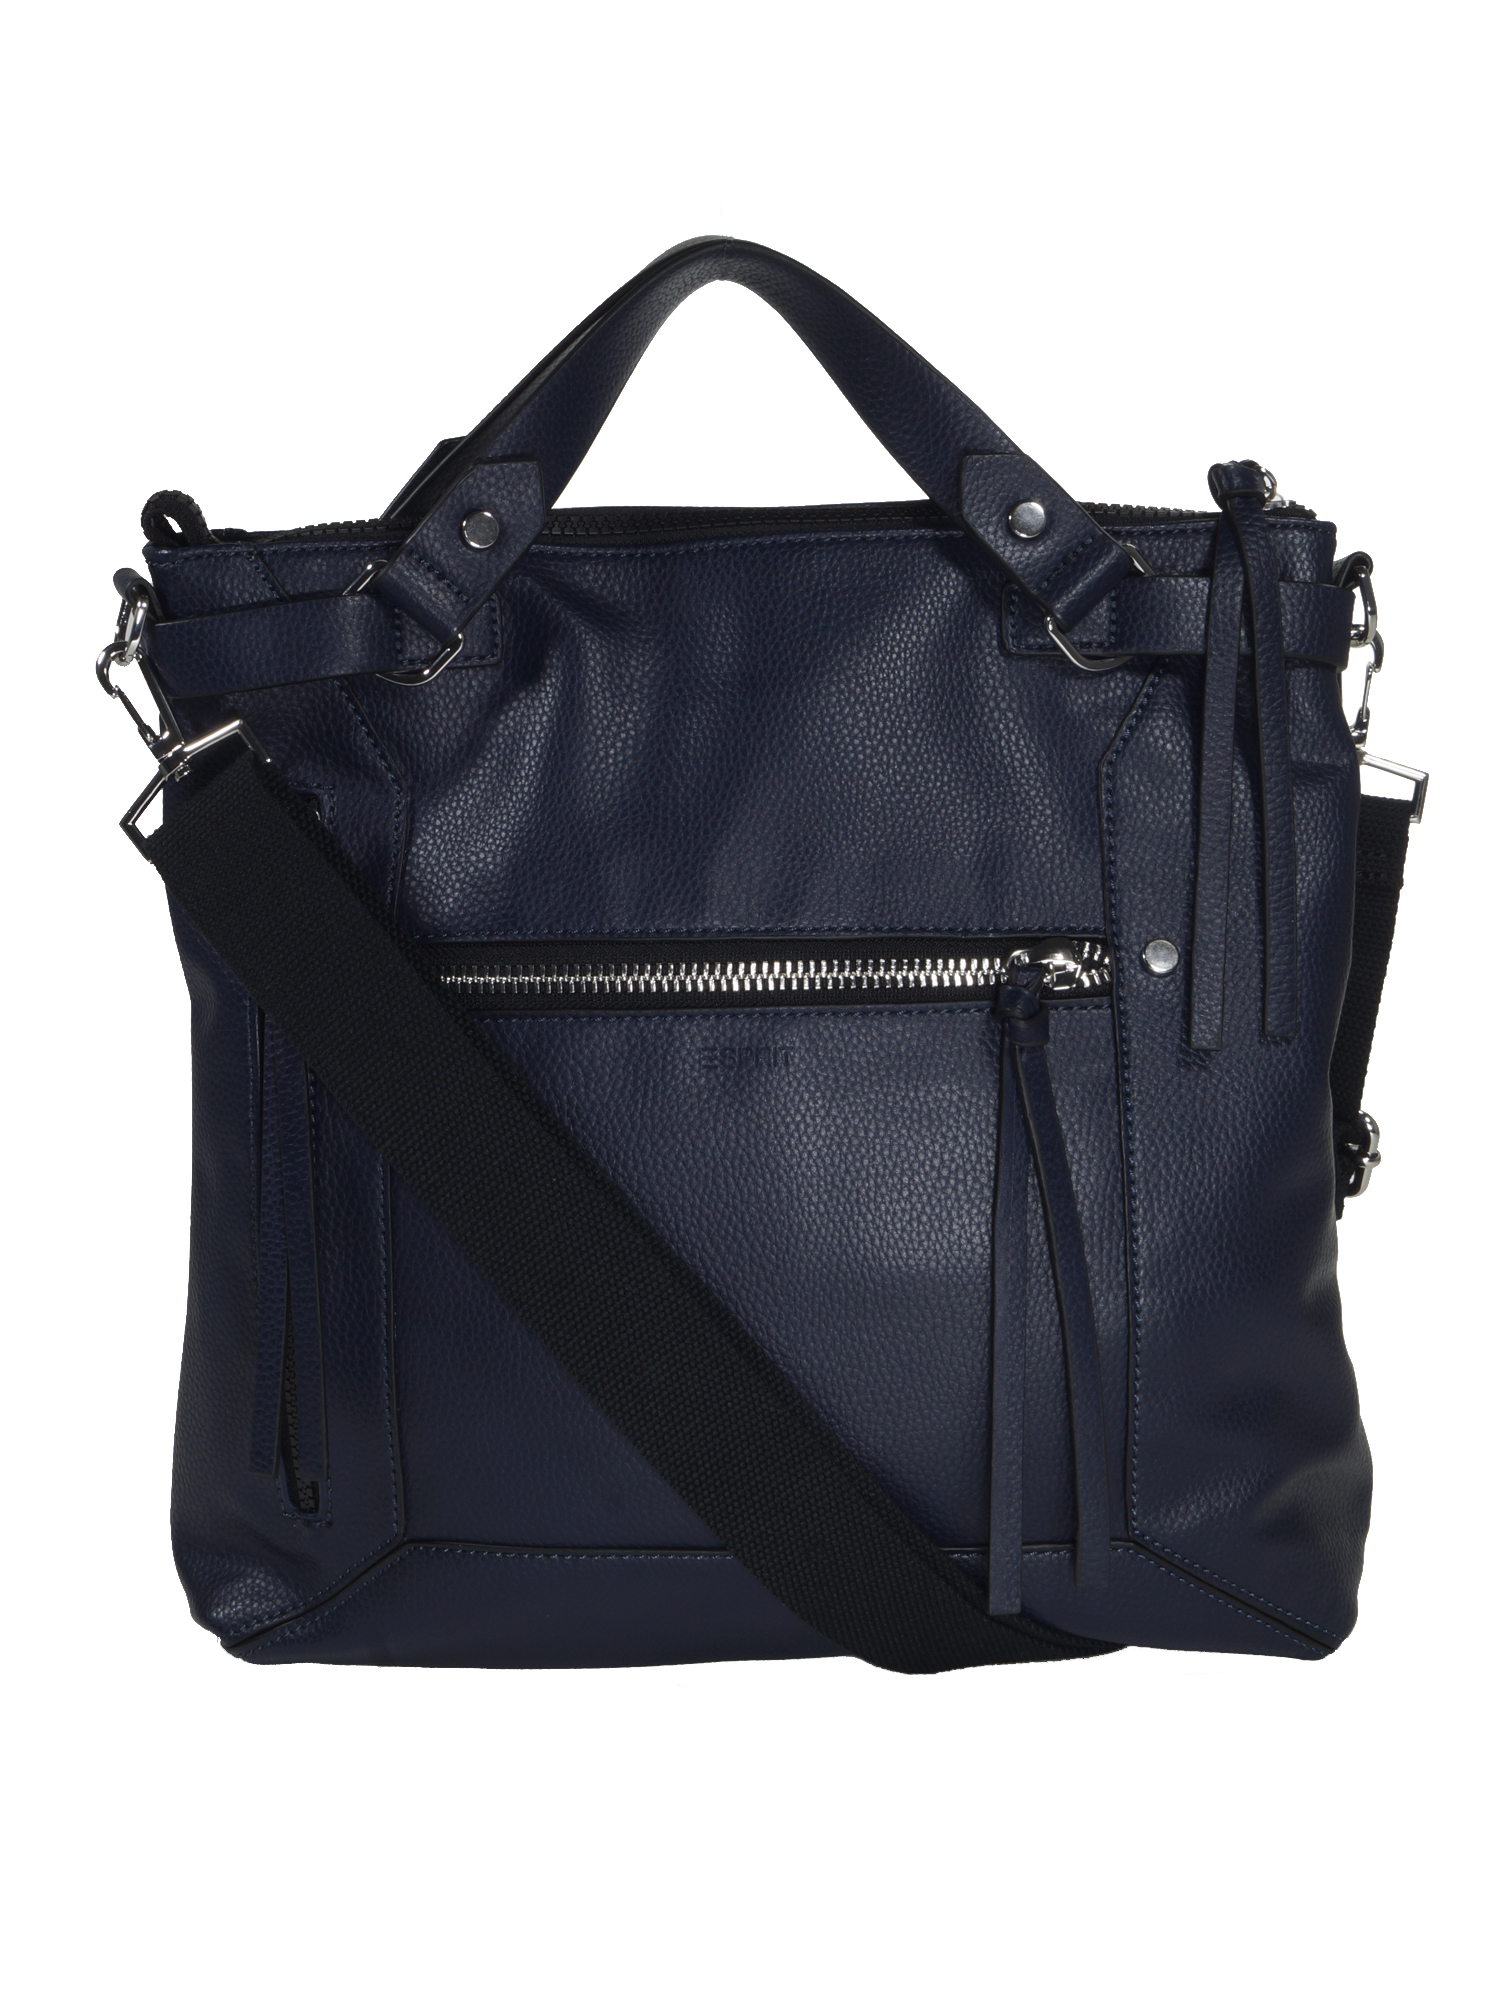 billigsten Verkauf verkauft Original Esprit Damen Handtasche Tasche Henkeltasche Mia M tote Blau 039EA1O017 |  starlabels outdoor lifestyle leder